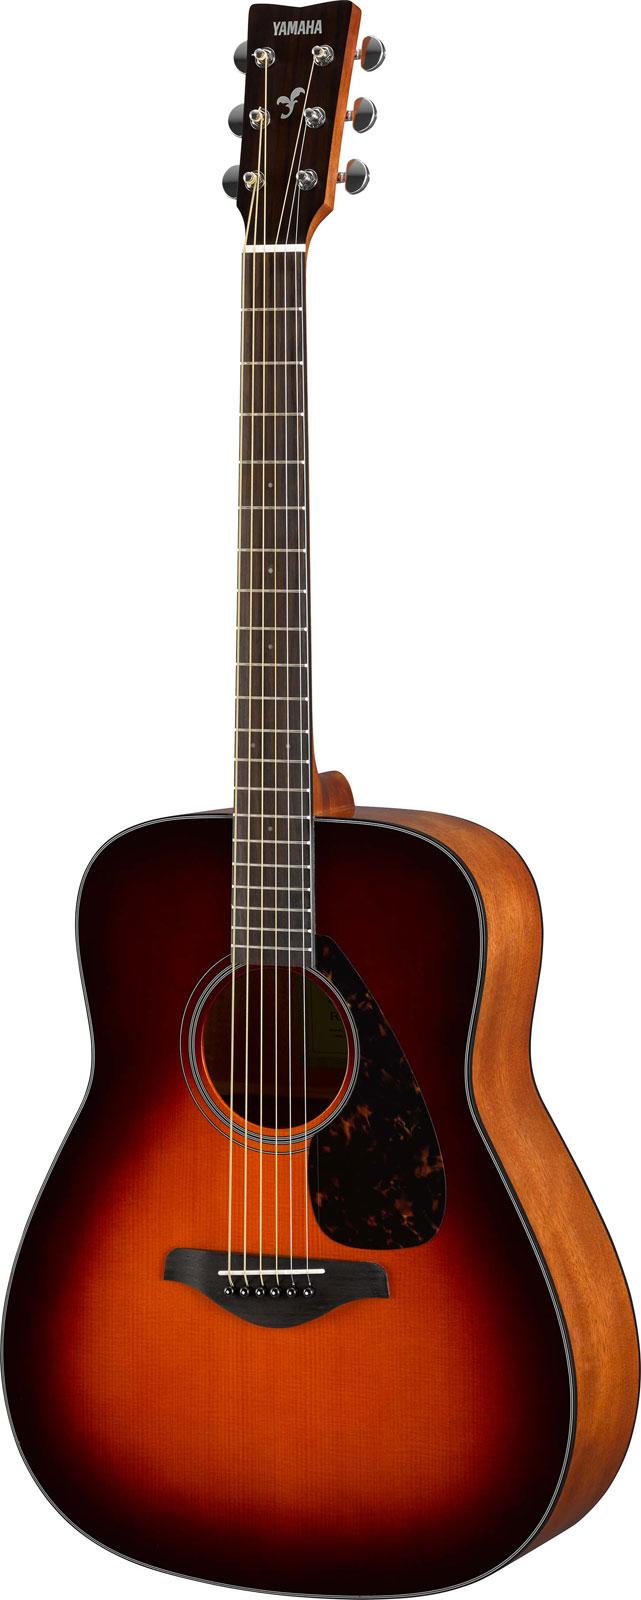 Yamaha Fg800bs Brown Sunburst